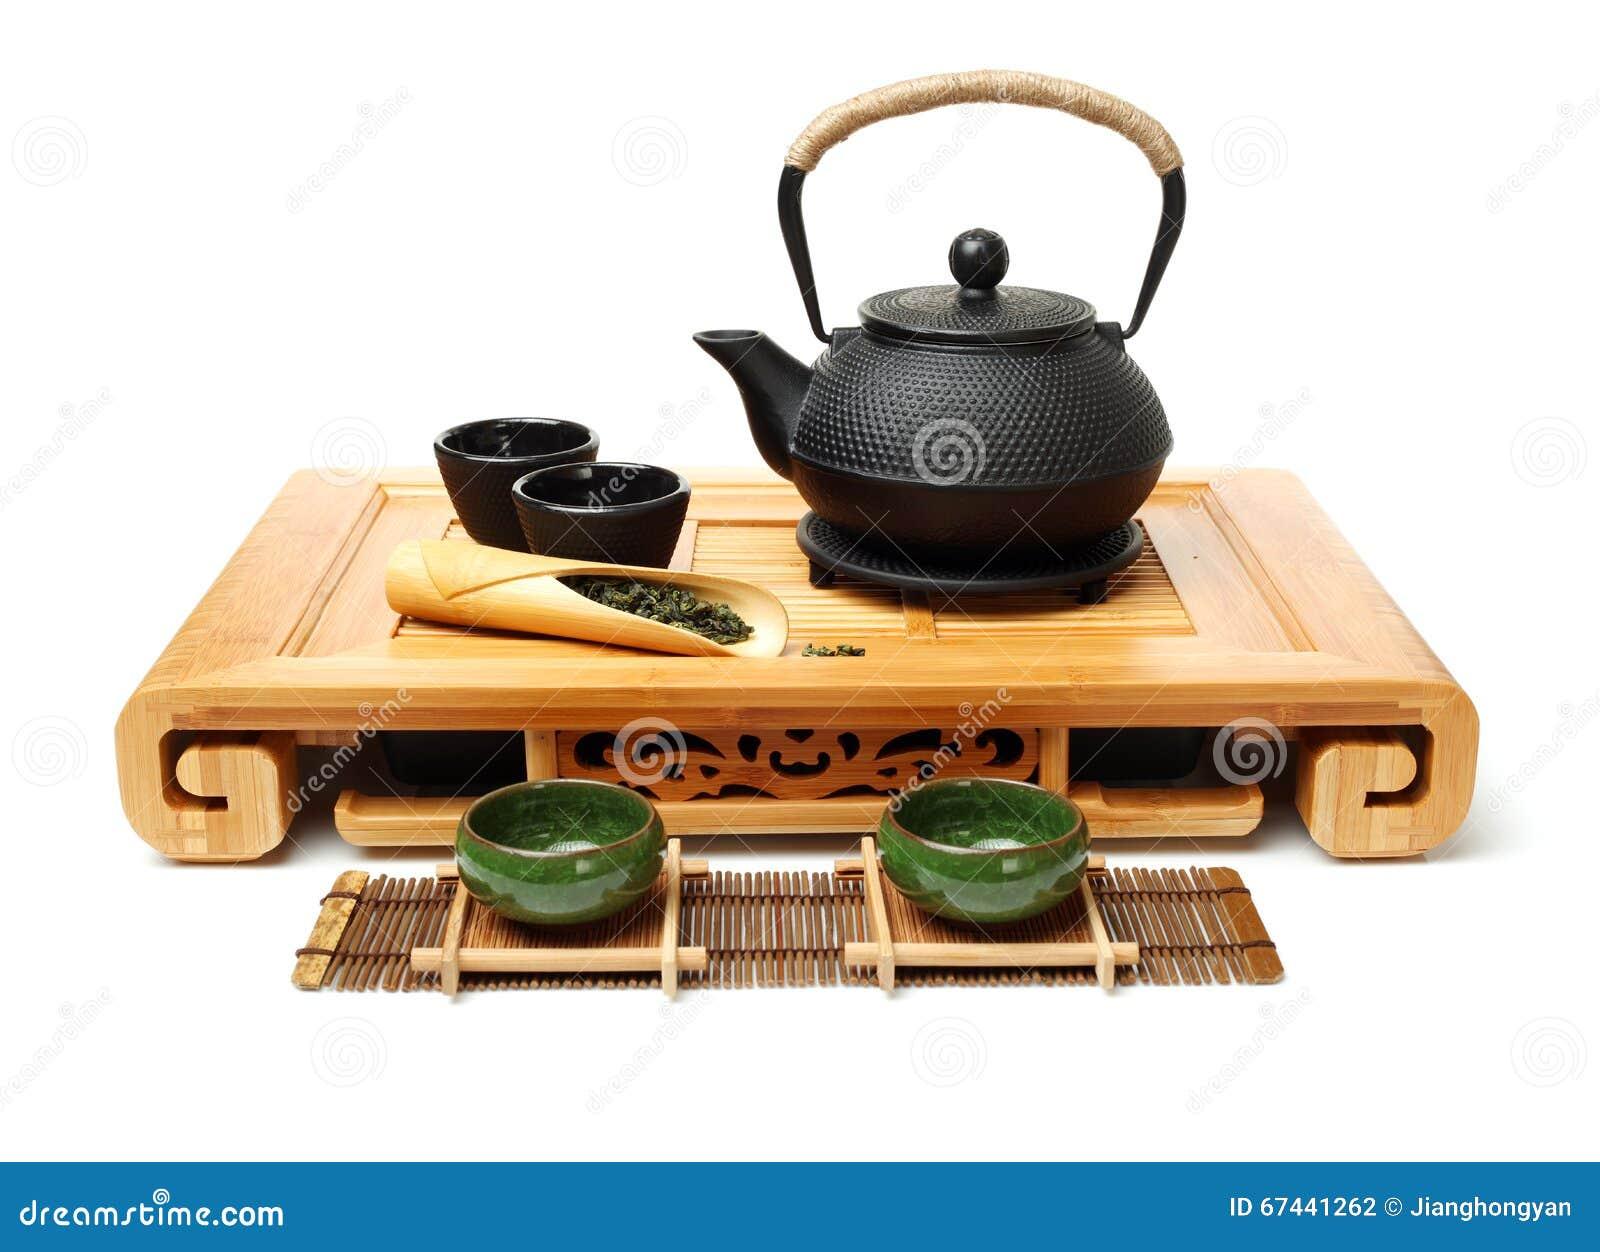 Closeup of tea set